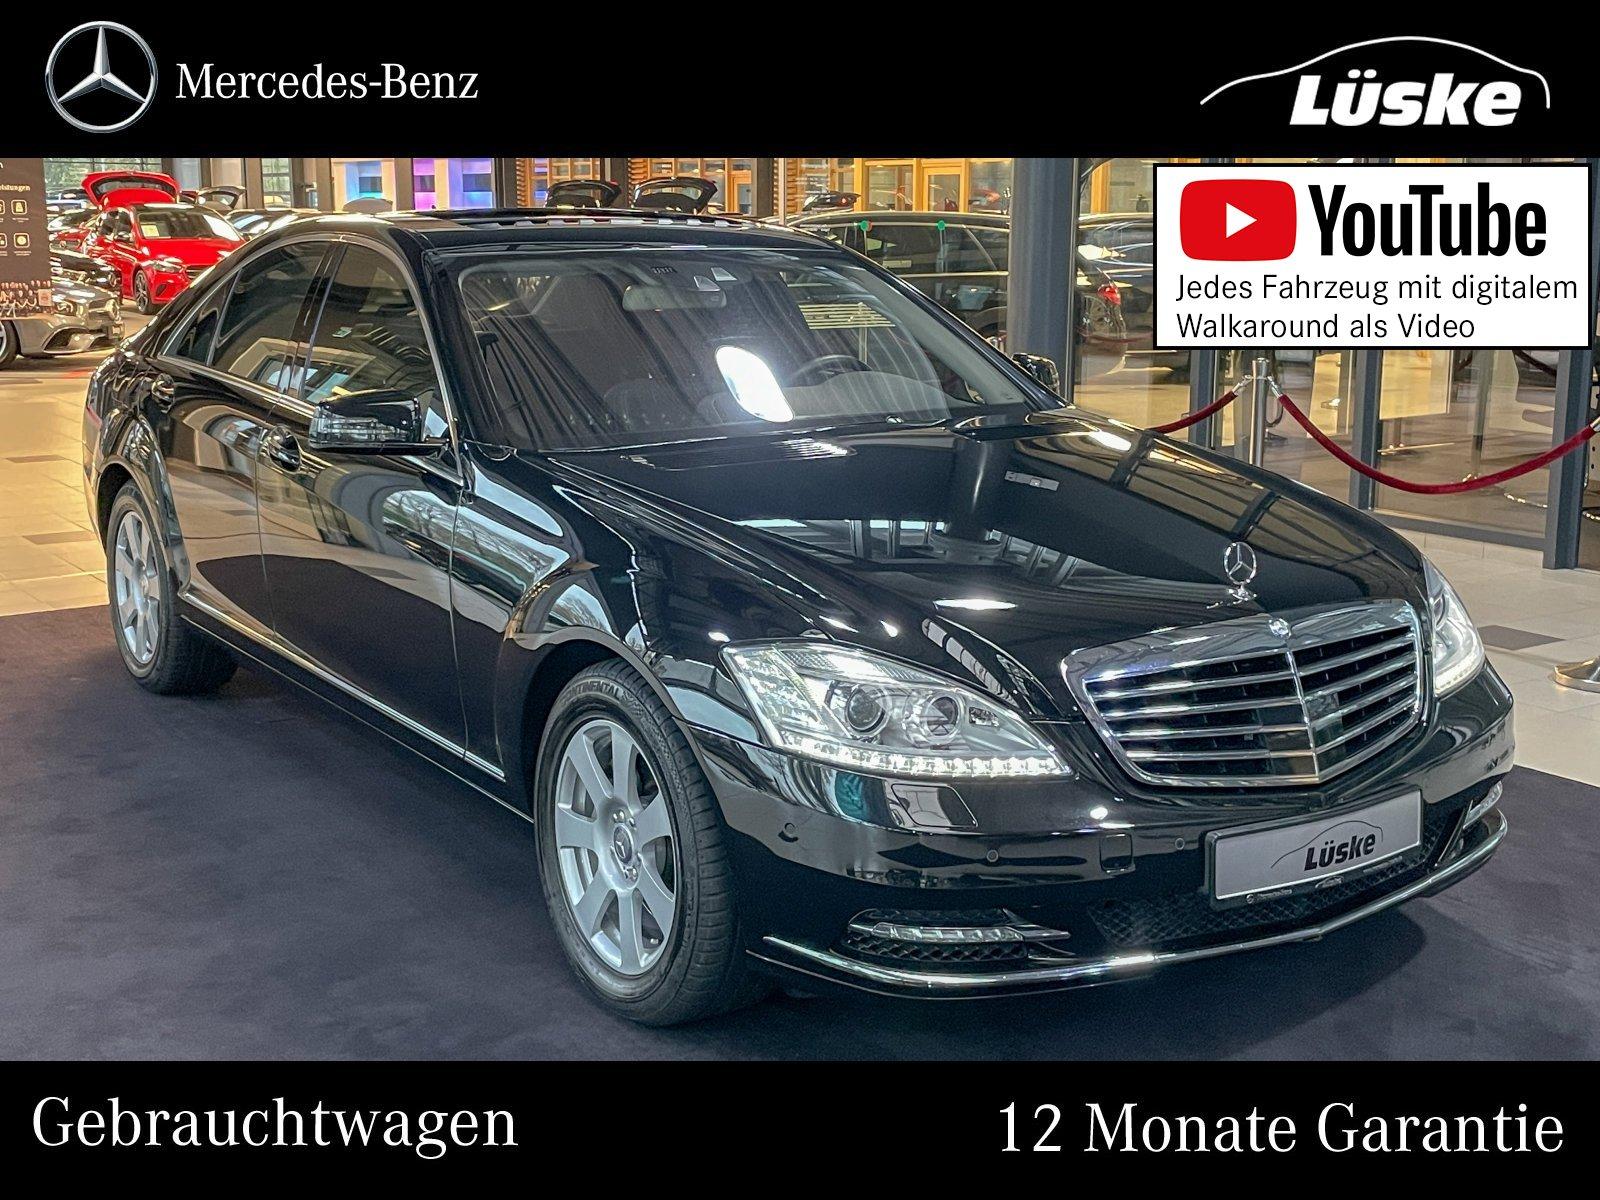 Mercedes-Benz S 350 BT Harman Nachtsicht DISTRONIC Schiebedach, Jahr 2013, Diesel